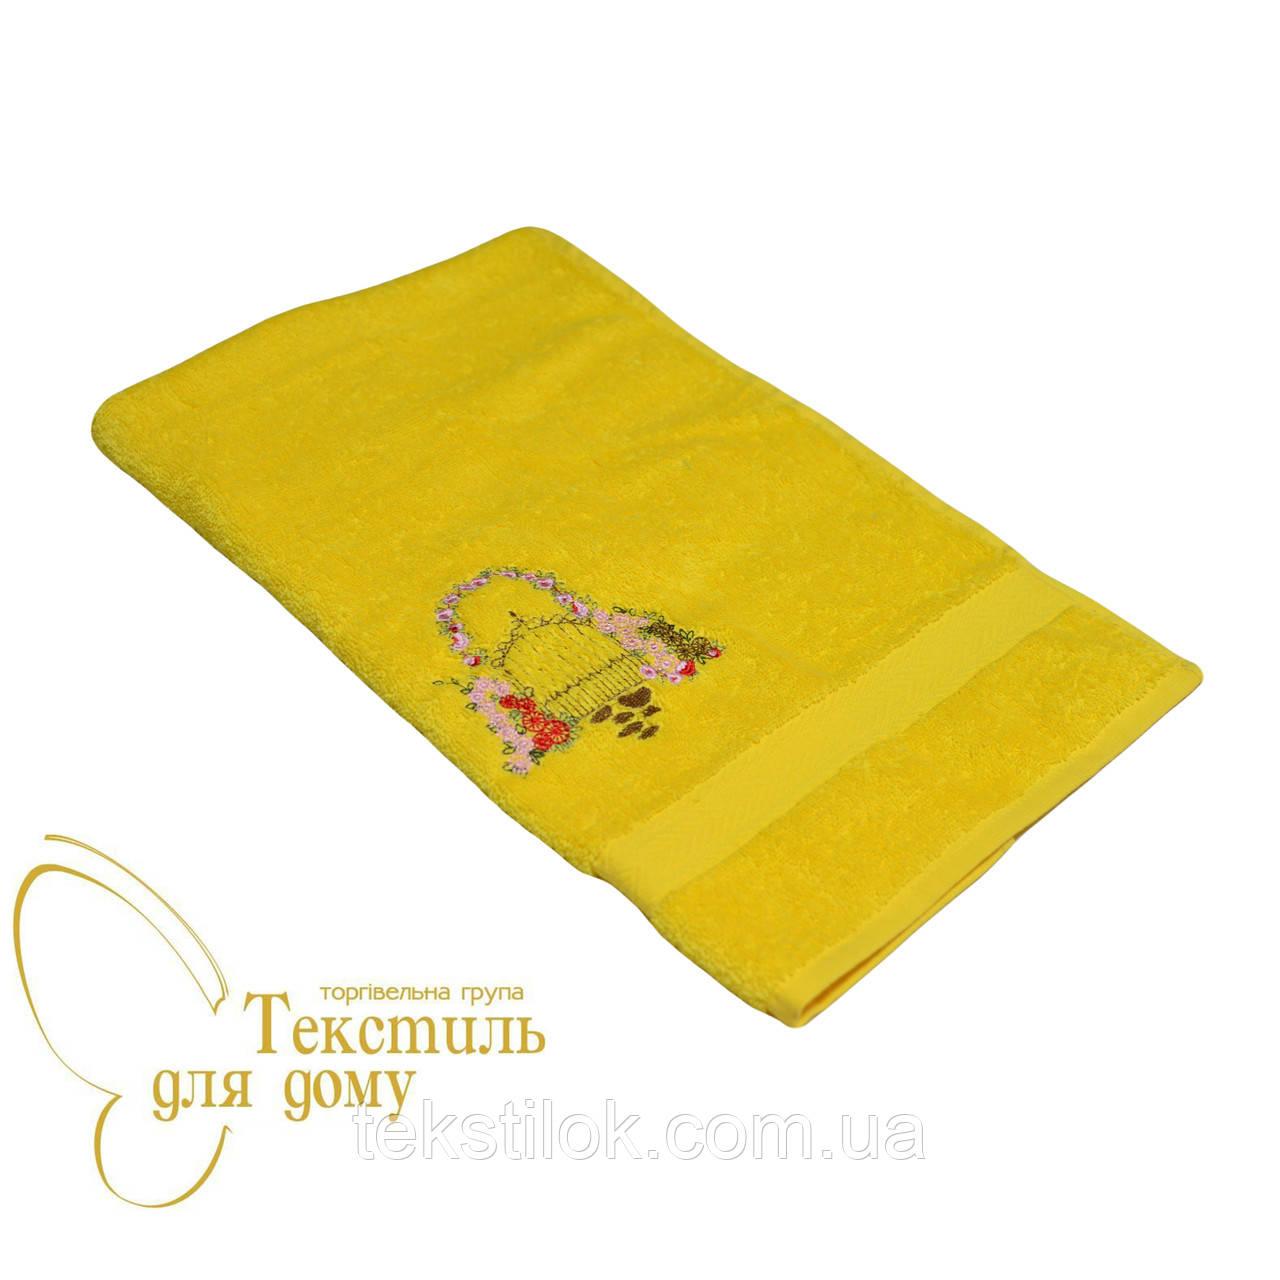 Полотенце для рук 40*70 вышивка букет, желтый